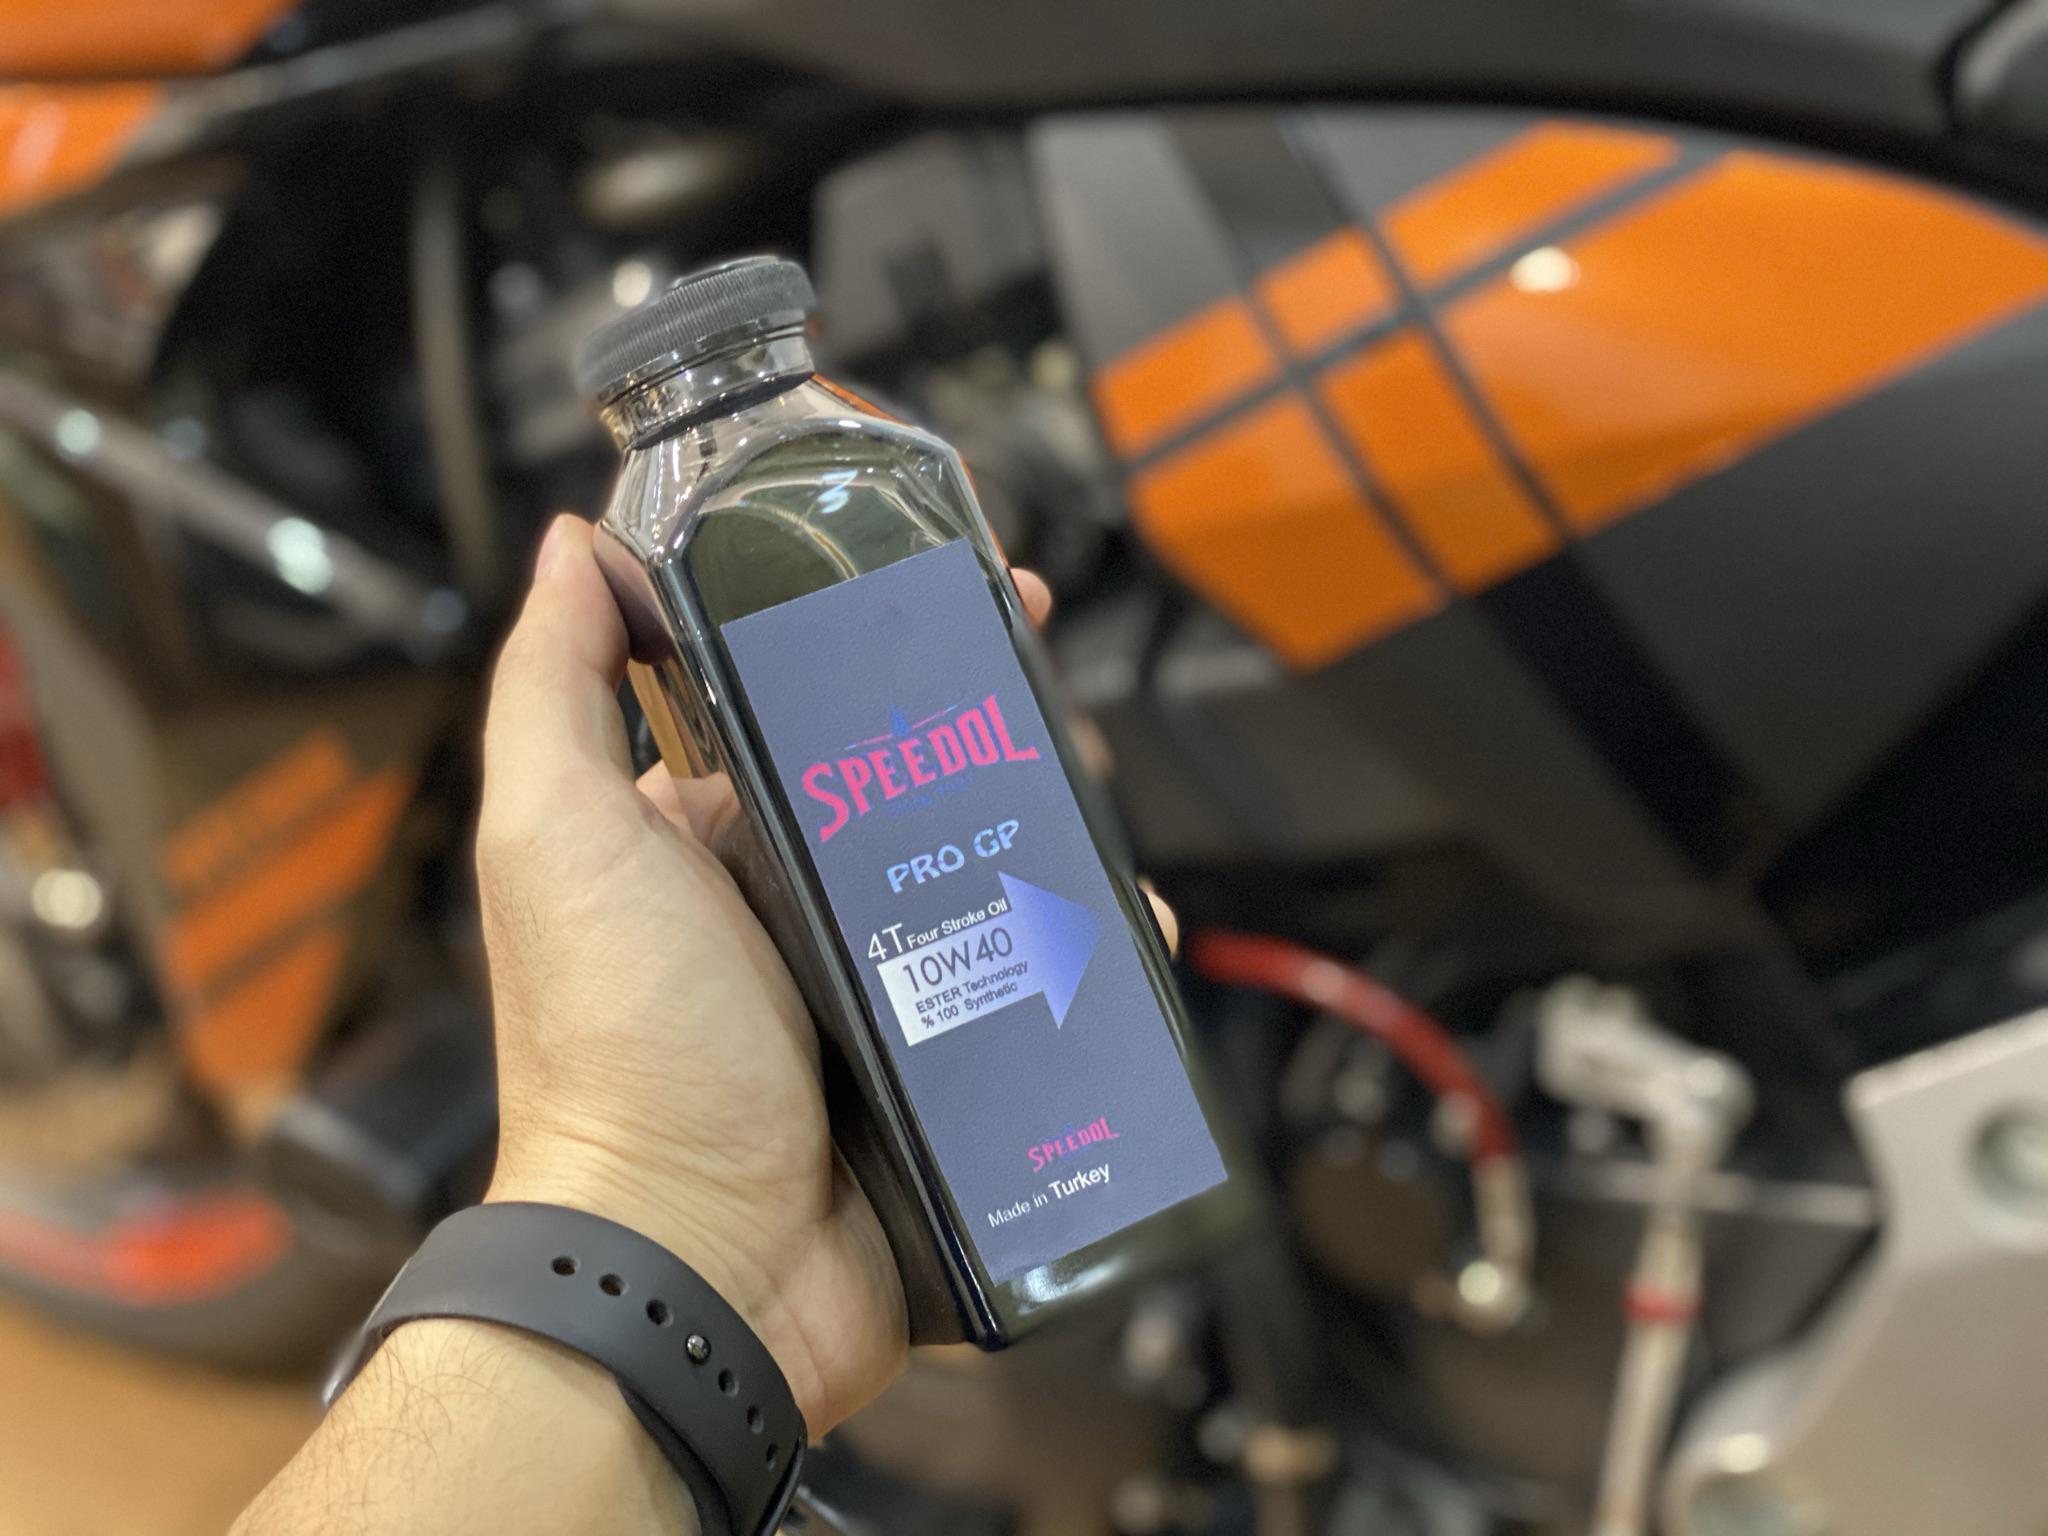 Nhớt Speedol Pro GP 10W40 Chai 300ml